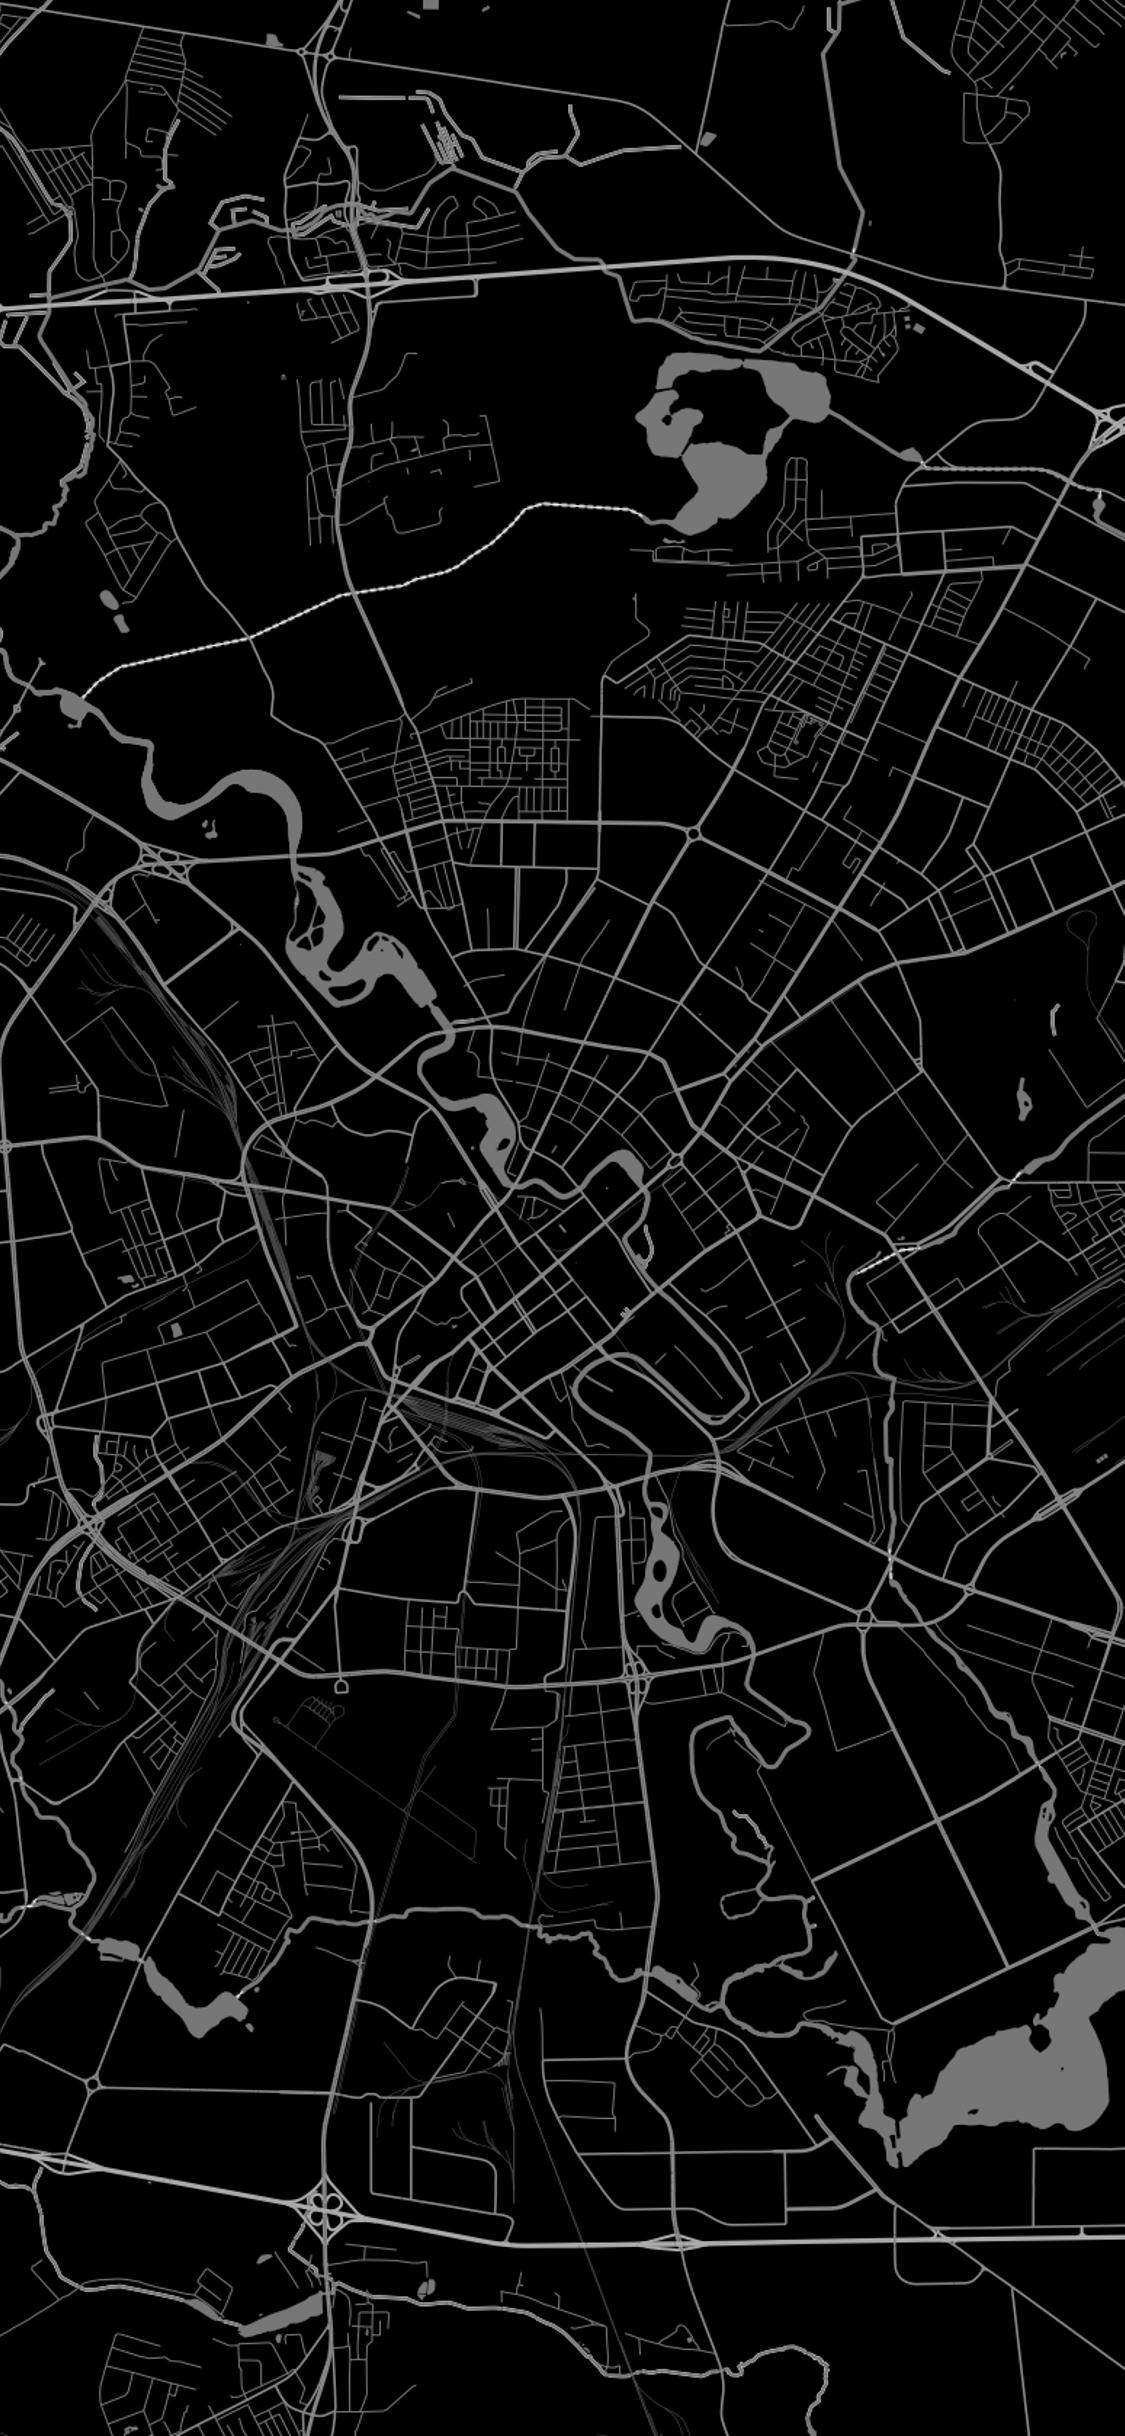 alvar carto превращает карту города в обои для смартфона Alvar Carto превращает карту города в обои для смартфона 5498c57c b95b 478b a271 3ab9d8a6da69